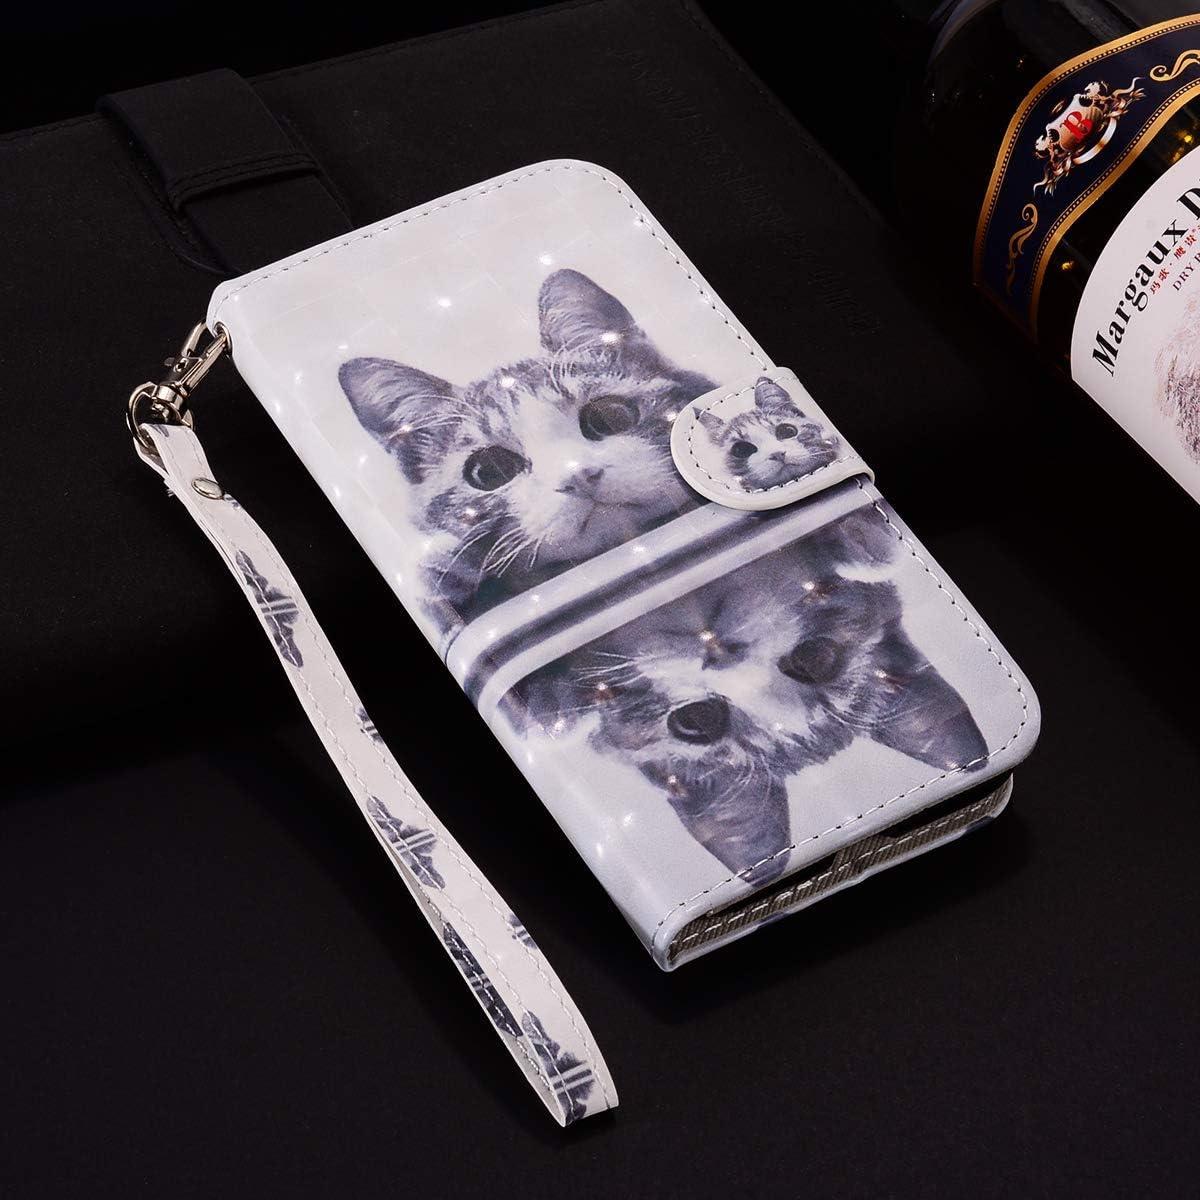 Surakey PU Leder H/ülle f/ür Huawei Mate 20 Lite Handyh/ülle Handytasche 3D Gemalt Muster Glitzer PU Tasche Schutzh/ülle Flip Case Brieftasche Etui Wallet Case St/änder Kartenf/ächer Blau Schmetterling